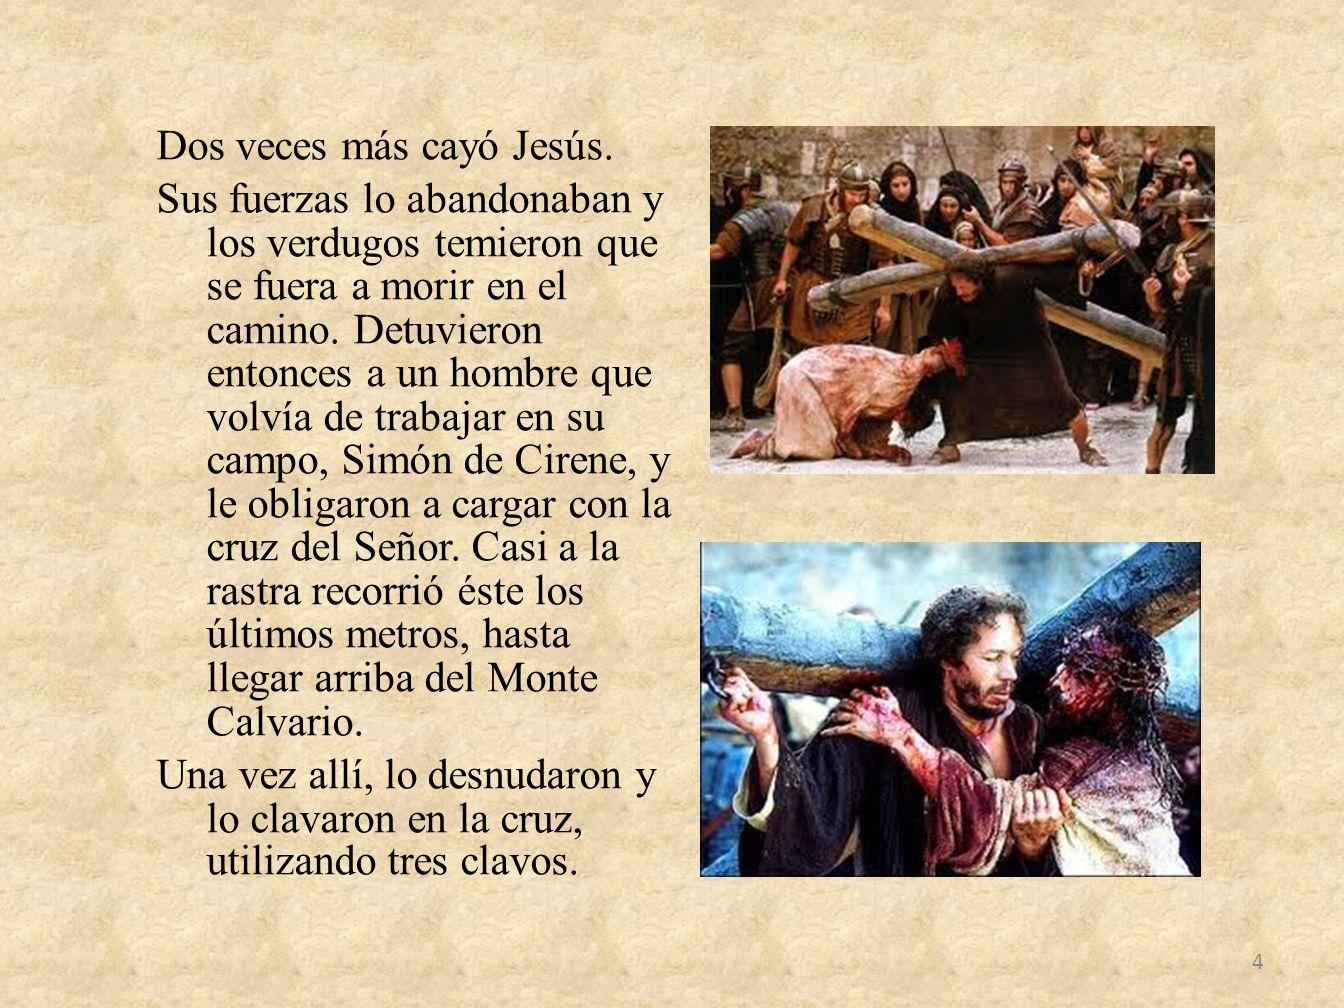 Dos veces más cayó Jesús